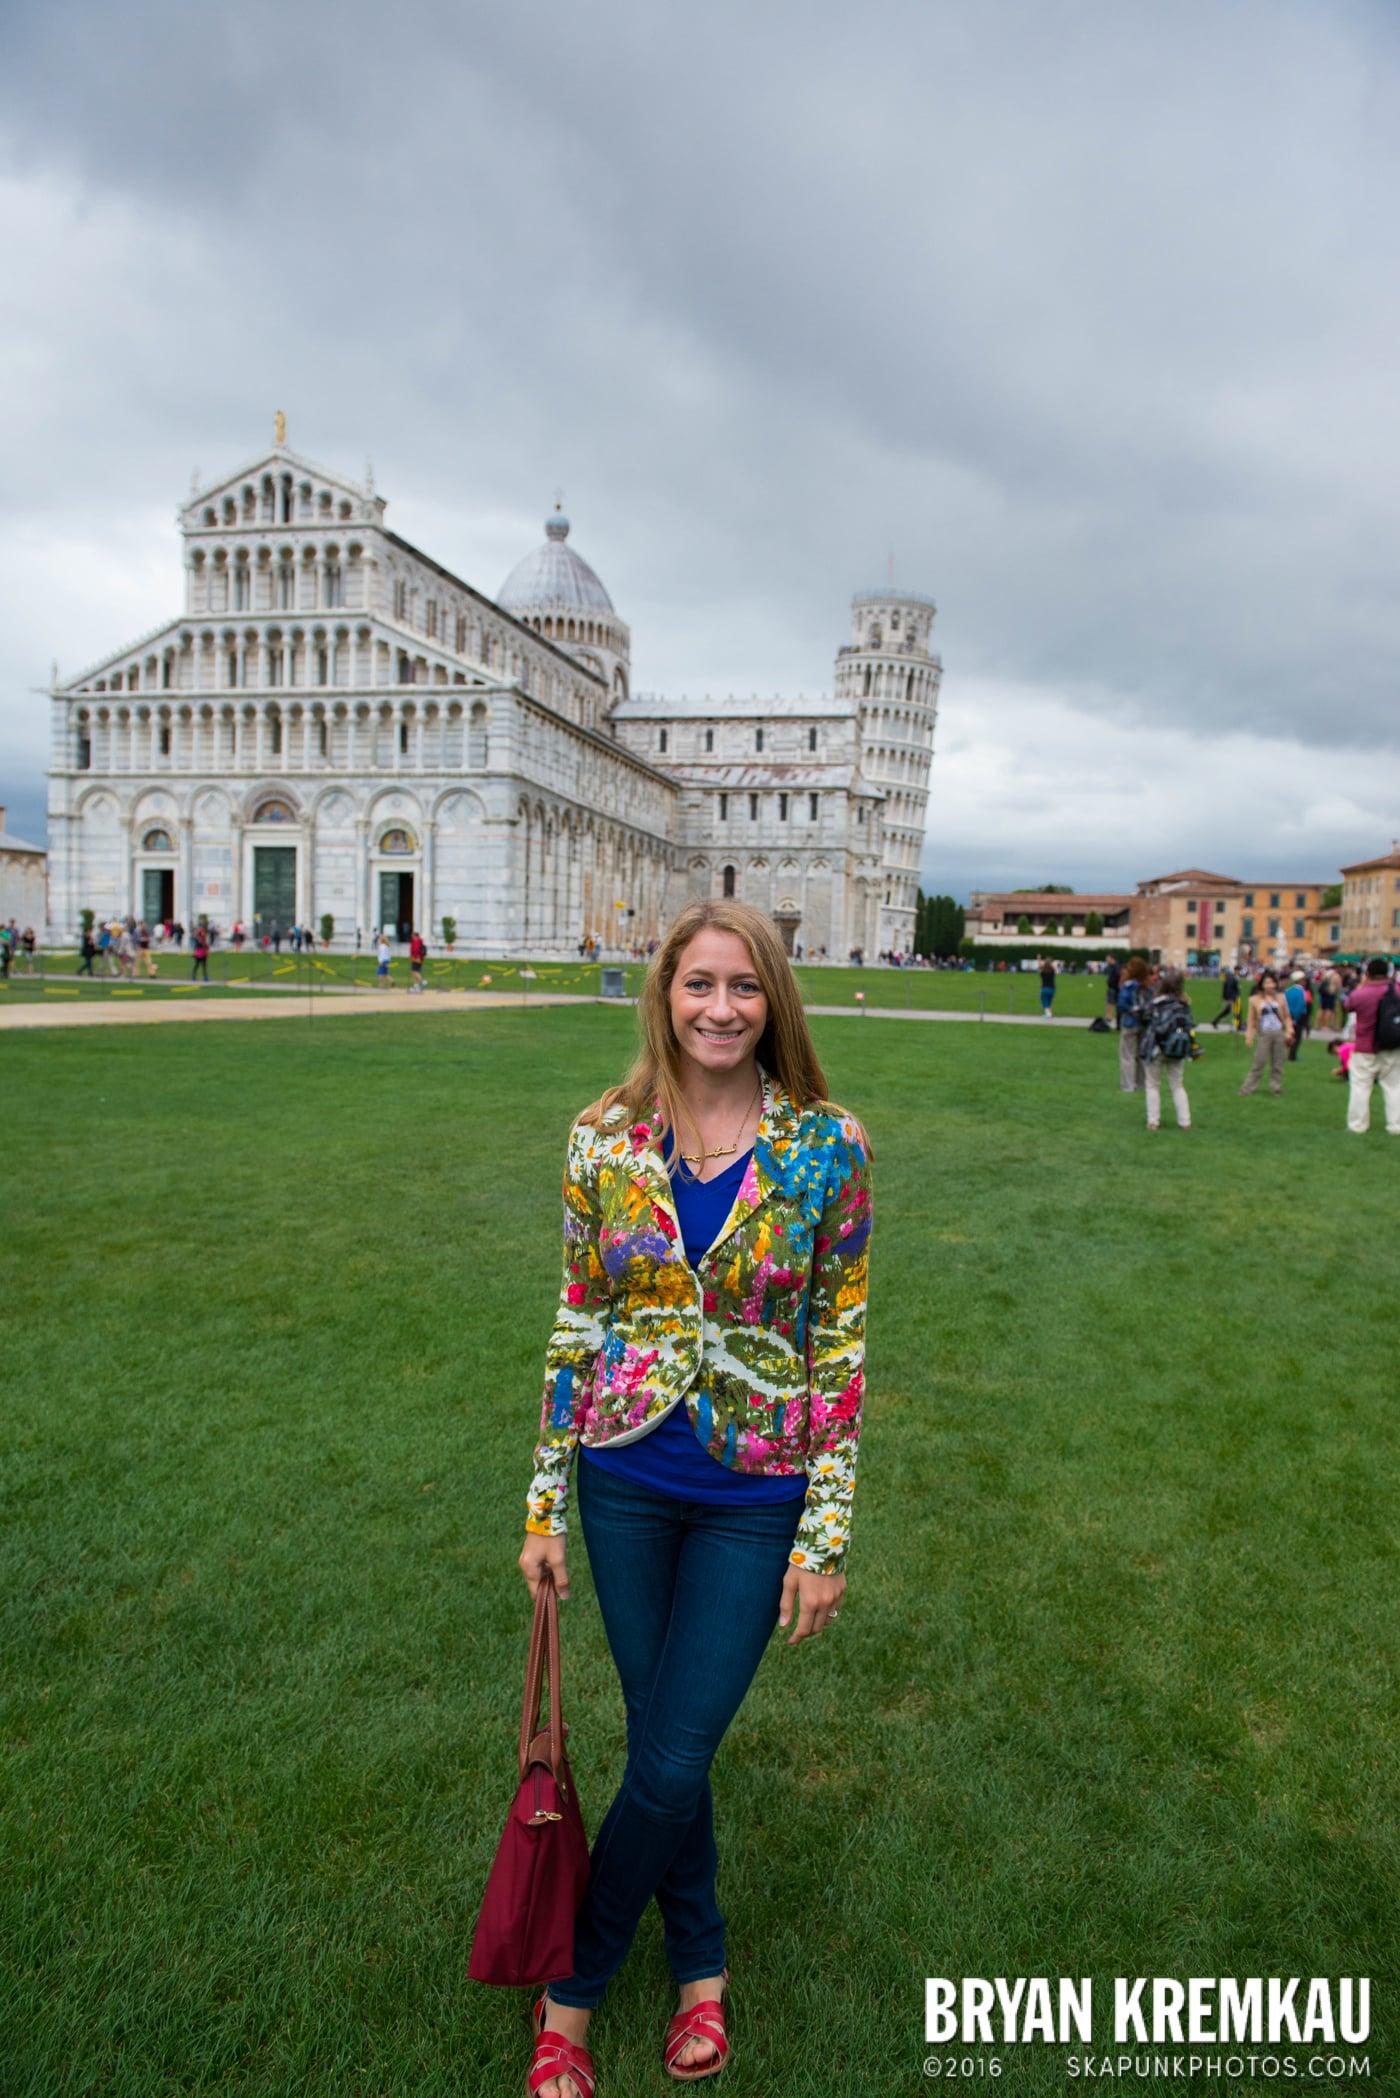 Italy Vacation - Day 8: Siena, San Gimignano, Chianti, Pisa - 9.16.13 (35)